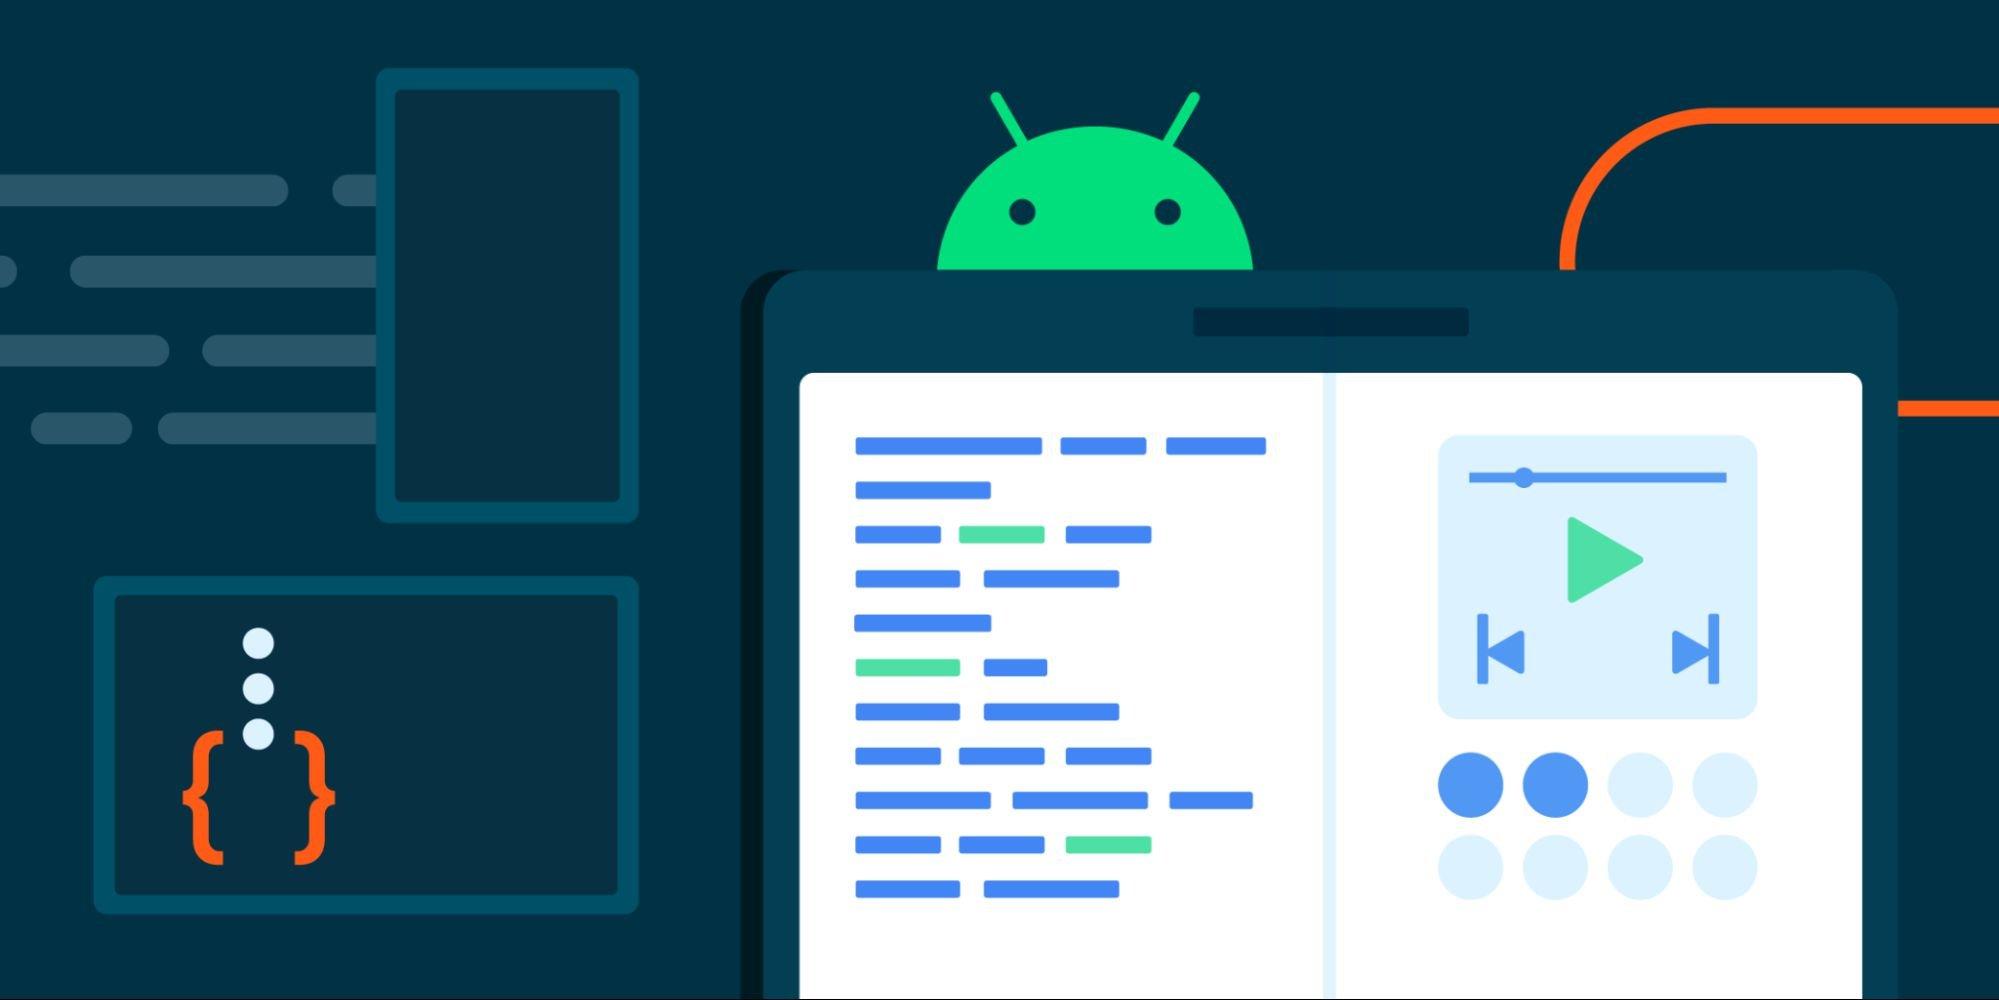 گوگل به توسعه اپلیکیشنهای اندرویدی برای نمایشگرهای بزرگ کمک میکند